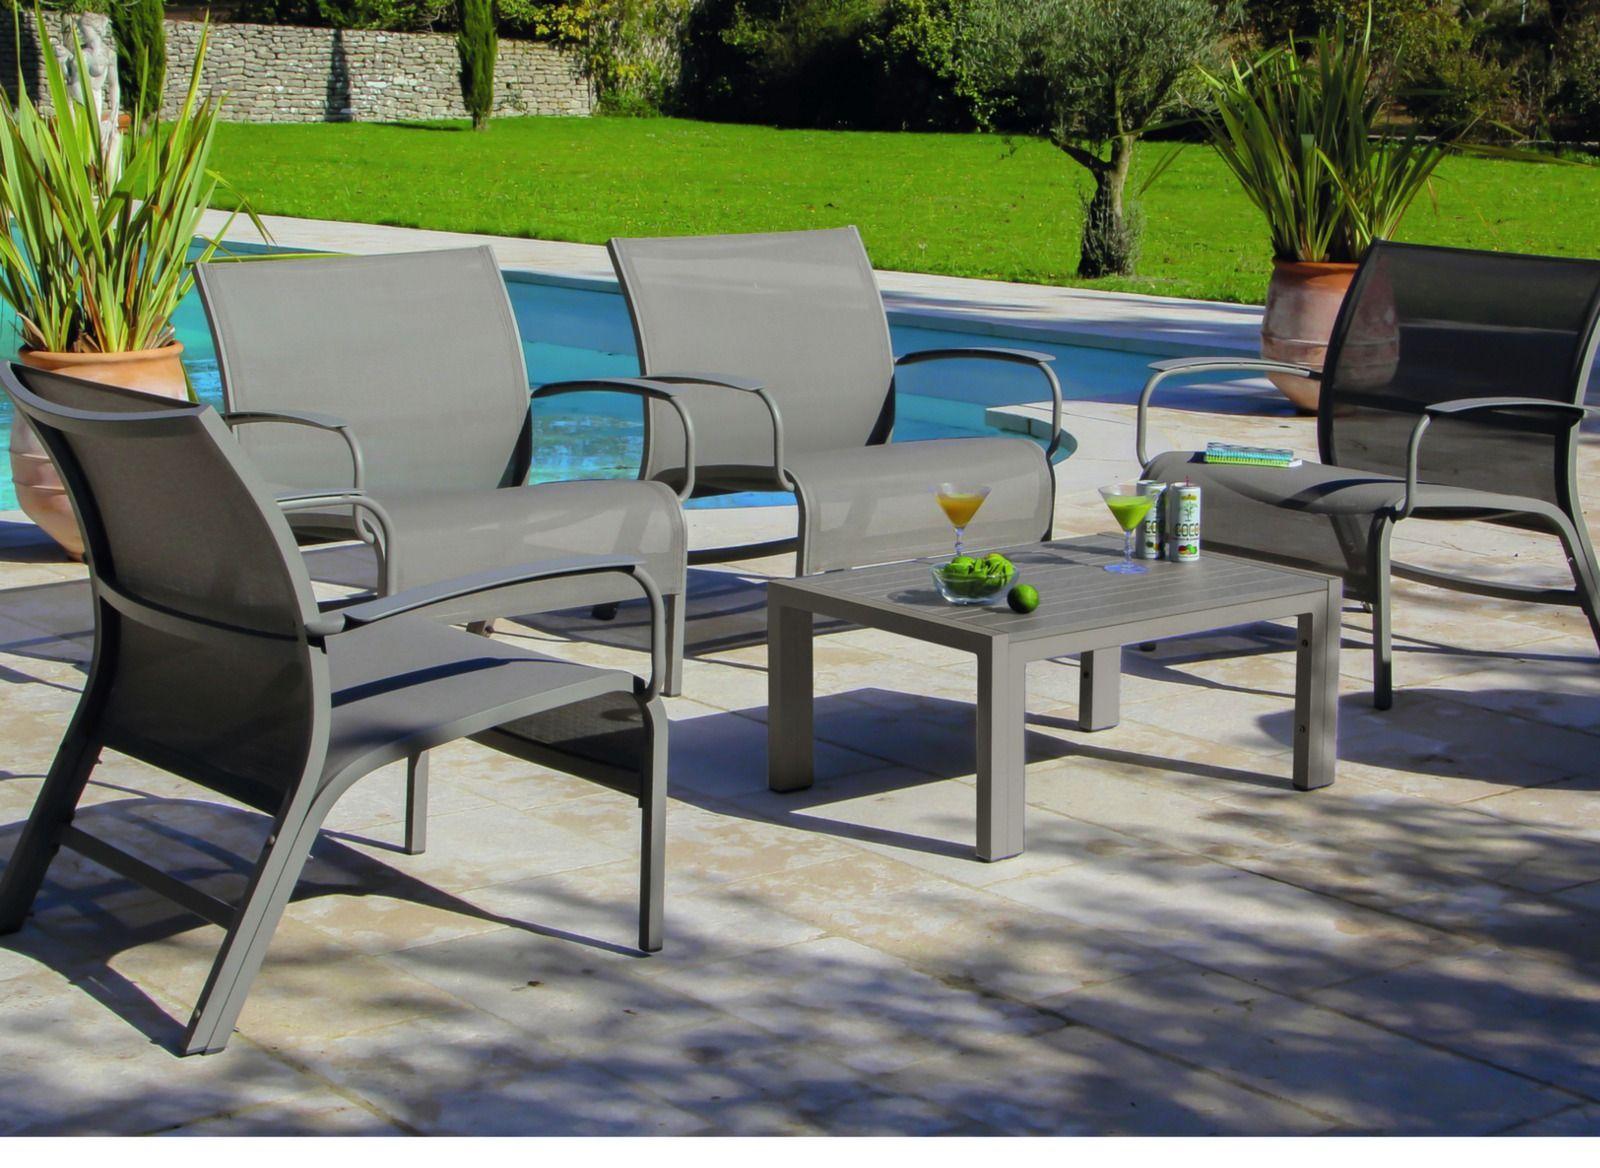 Salon de jardin en aluminium linéa proloisirs - Maison mobilier et ...